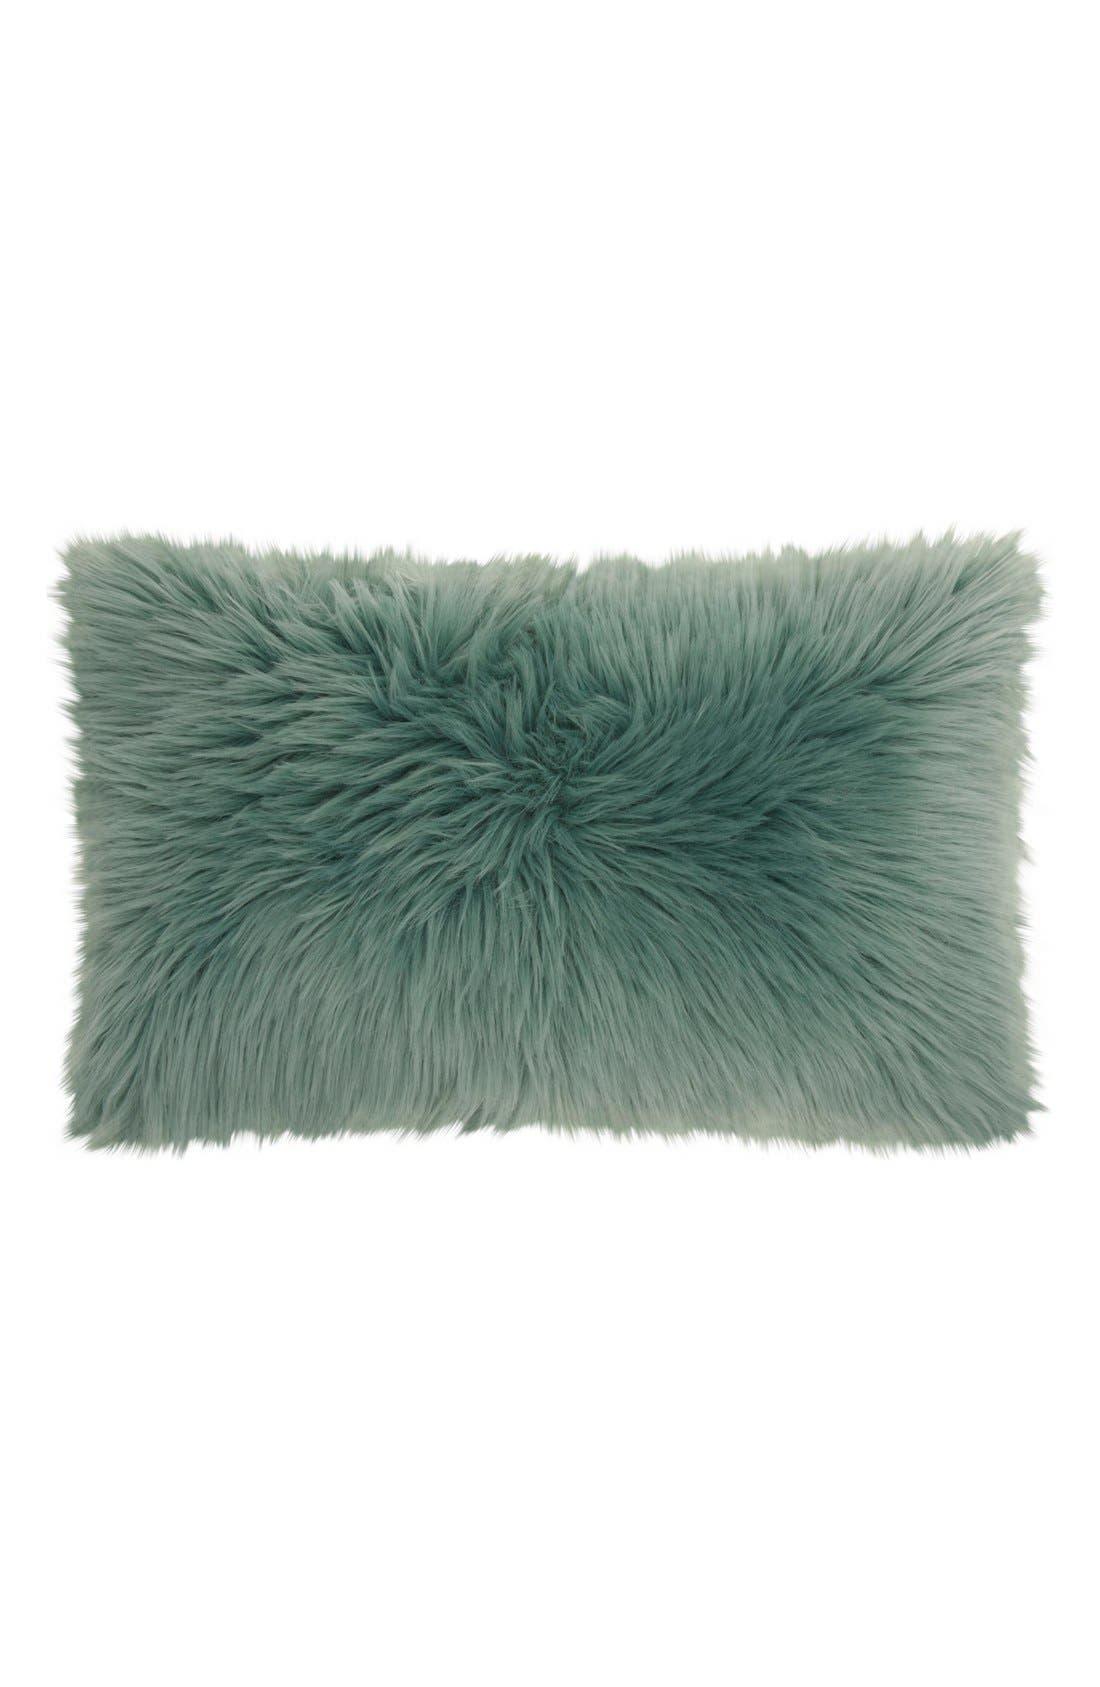 'Sumptuous' Faux Fur Accent Pillow,                         Main,                         color, Celadon